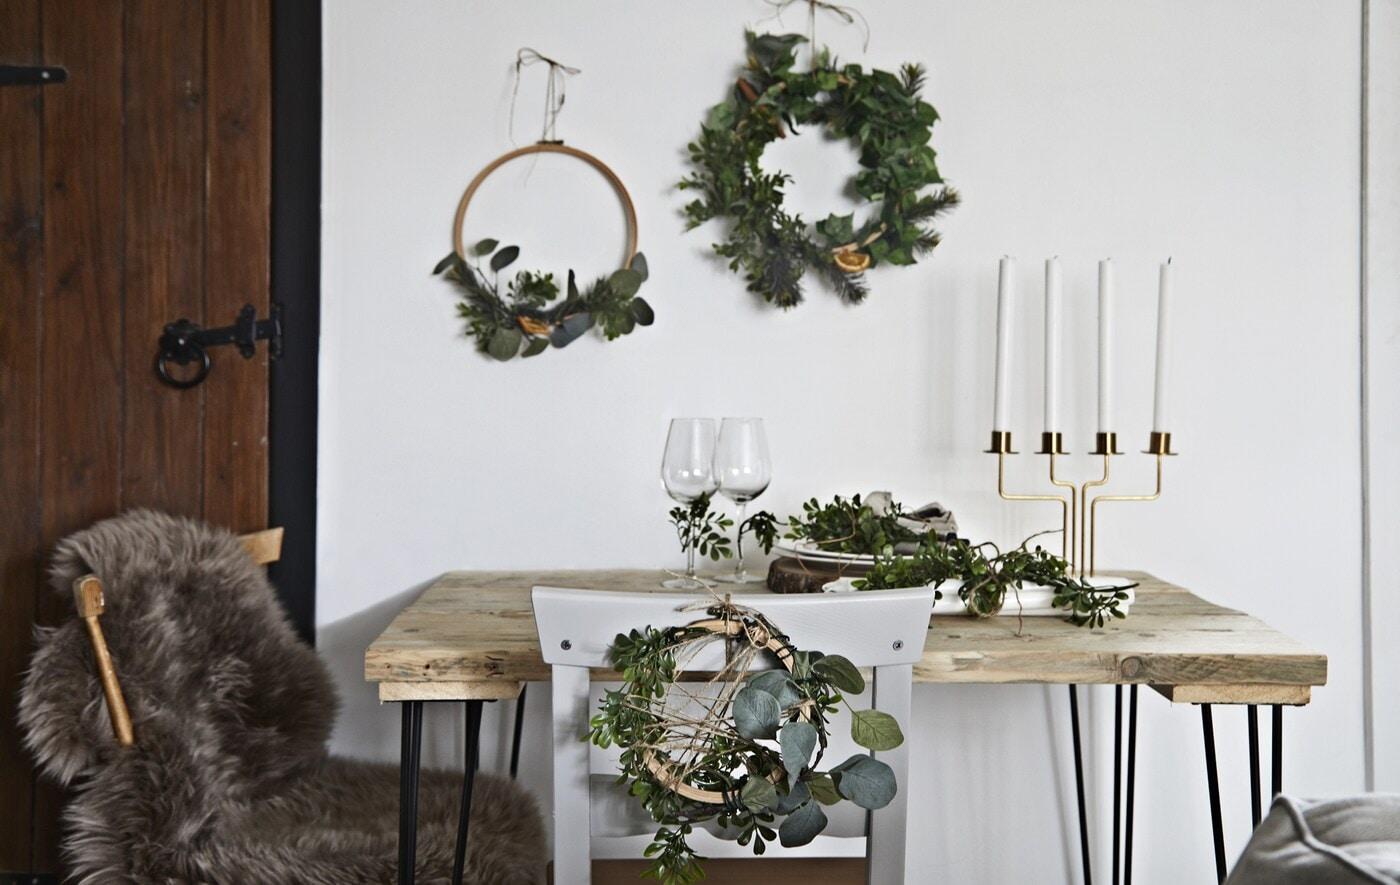 Стол, украшенный праздничными венками и аксессуарами.